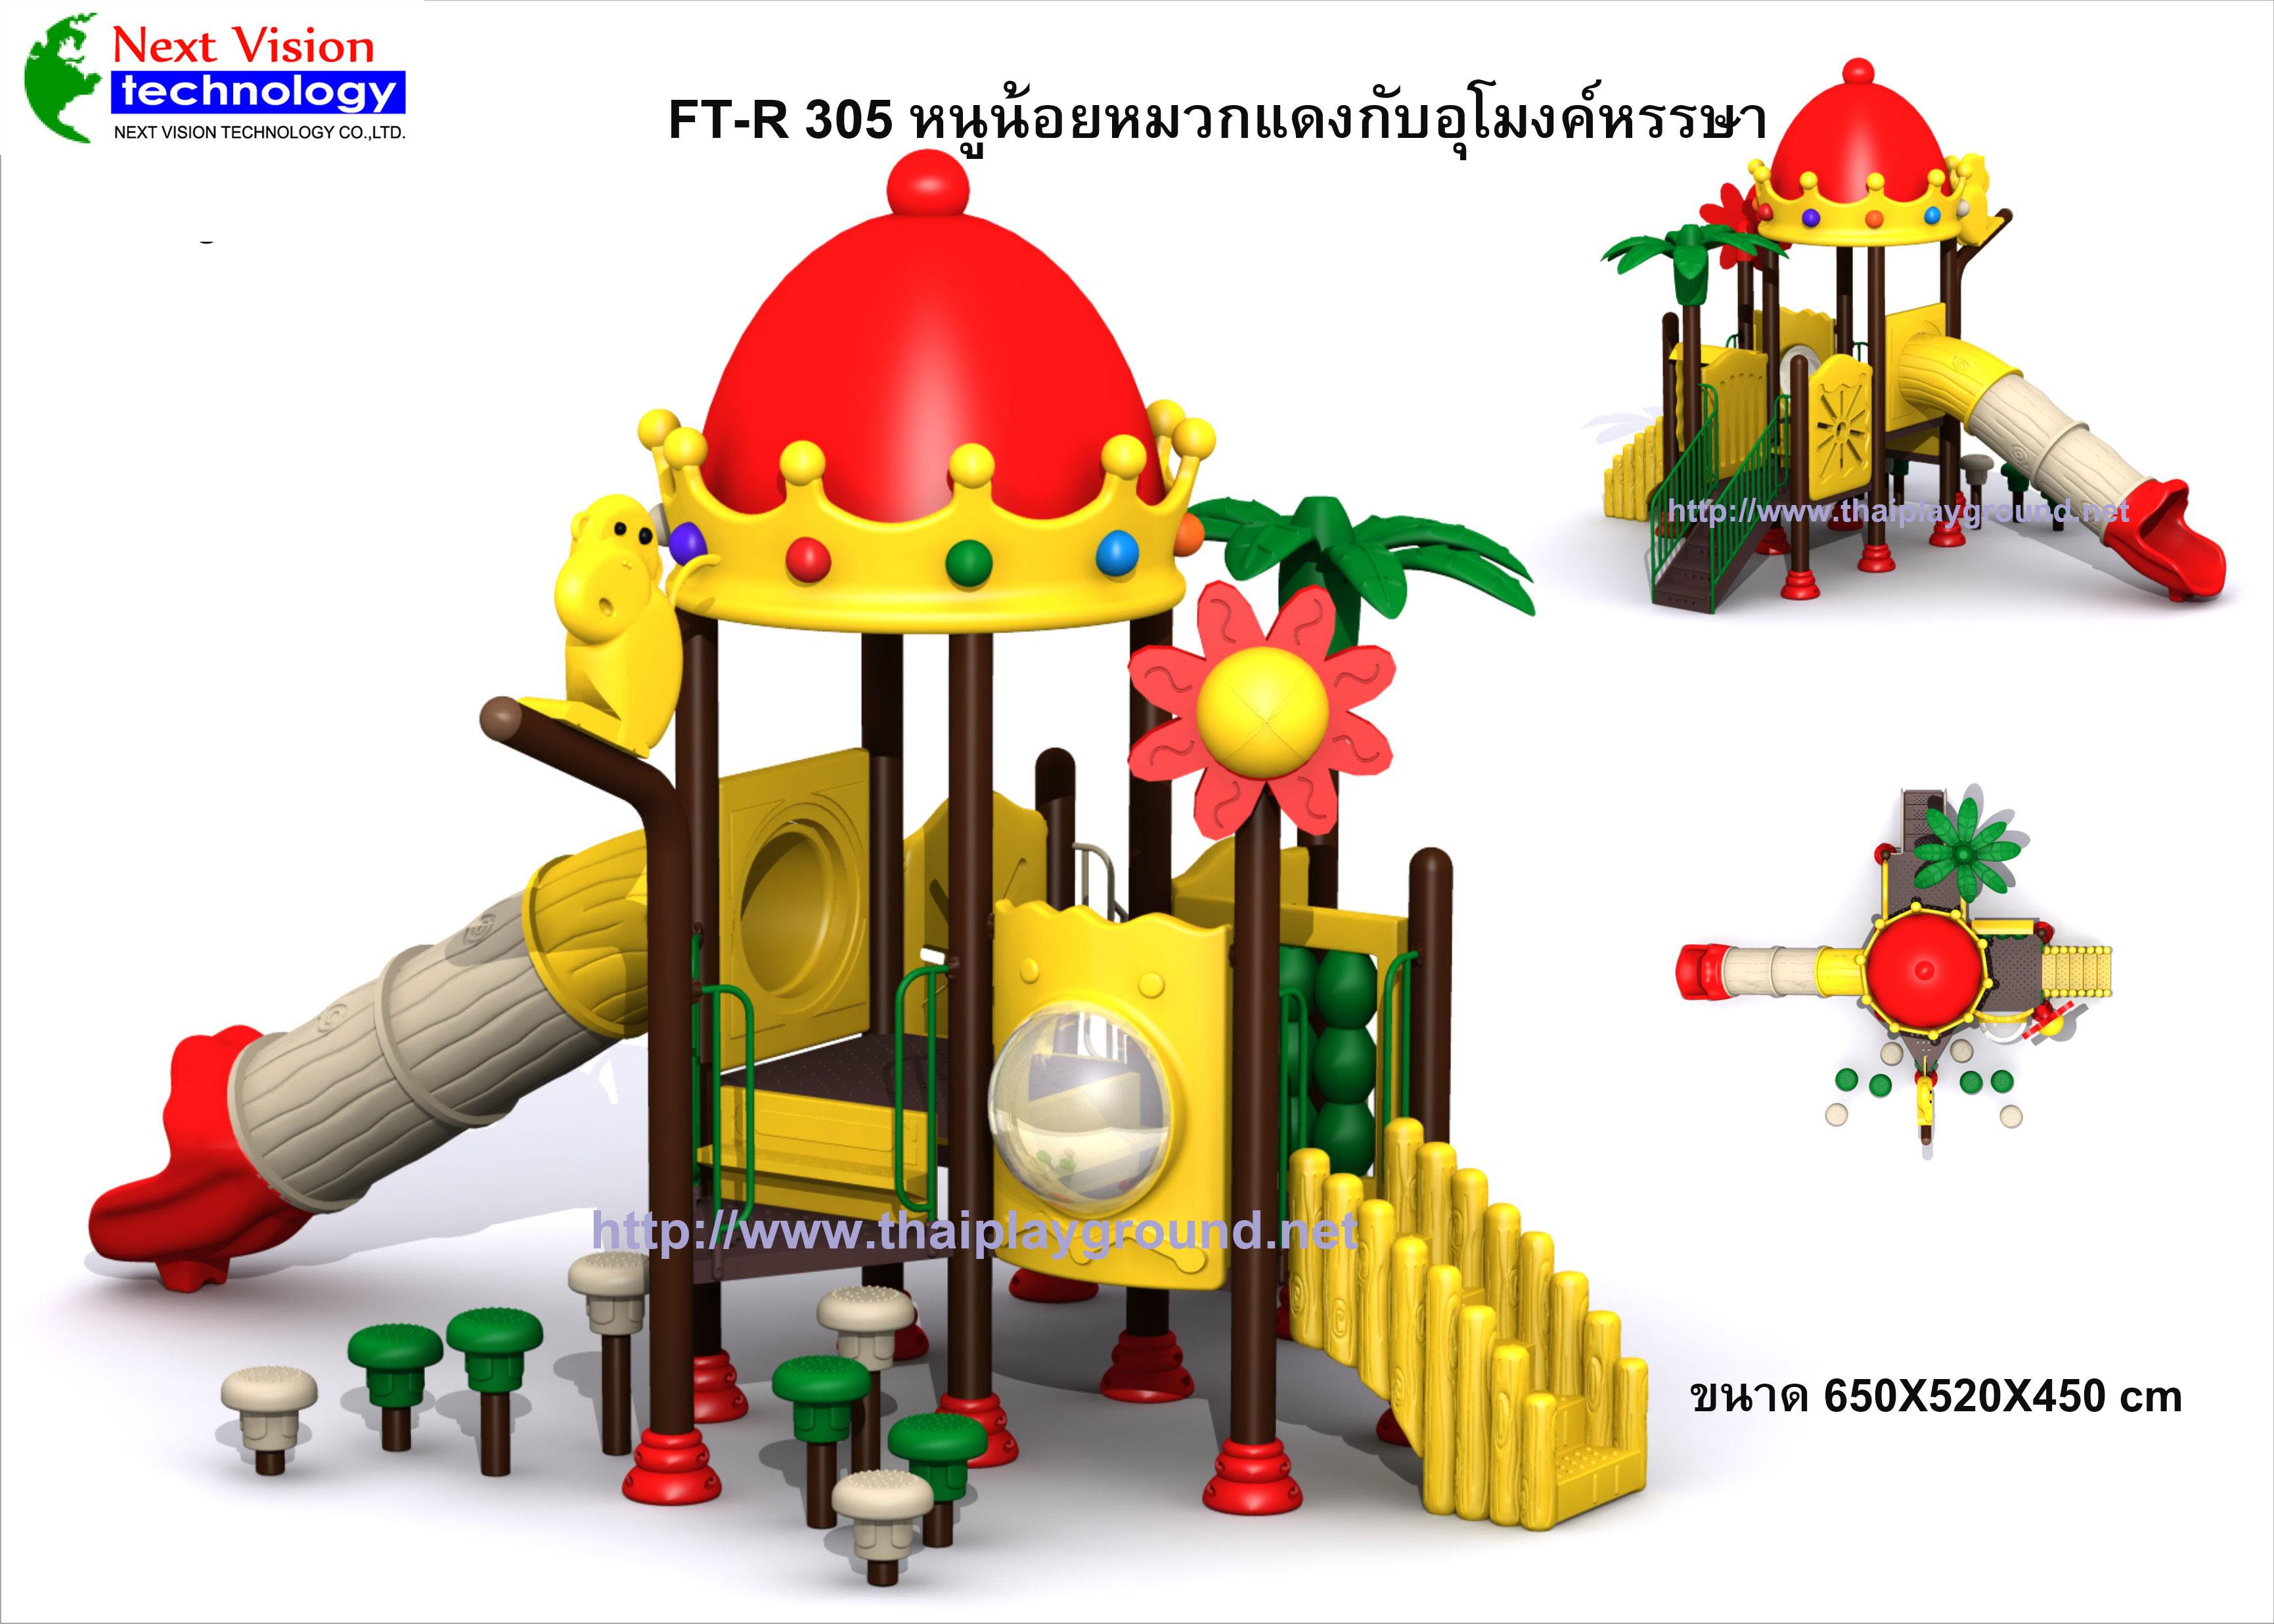 FT-R305 หนูน้อยหมวกแดงกับอุโมงค์หรรษา